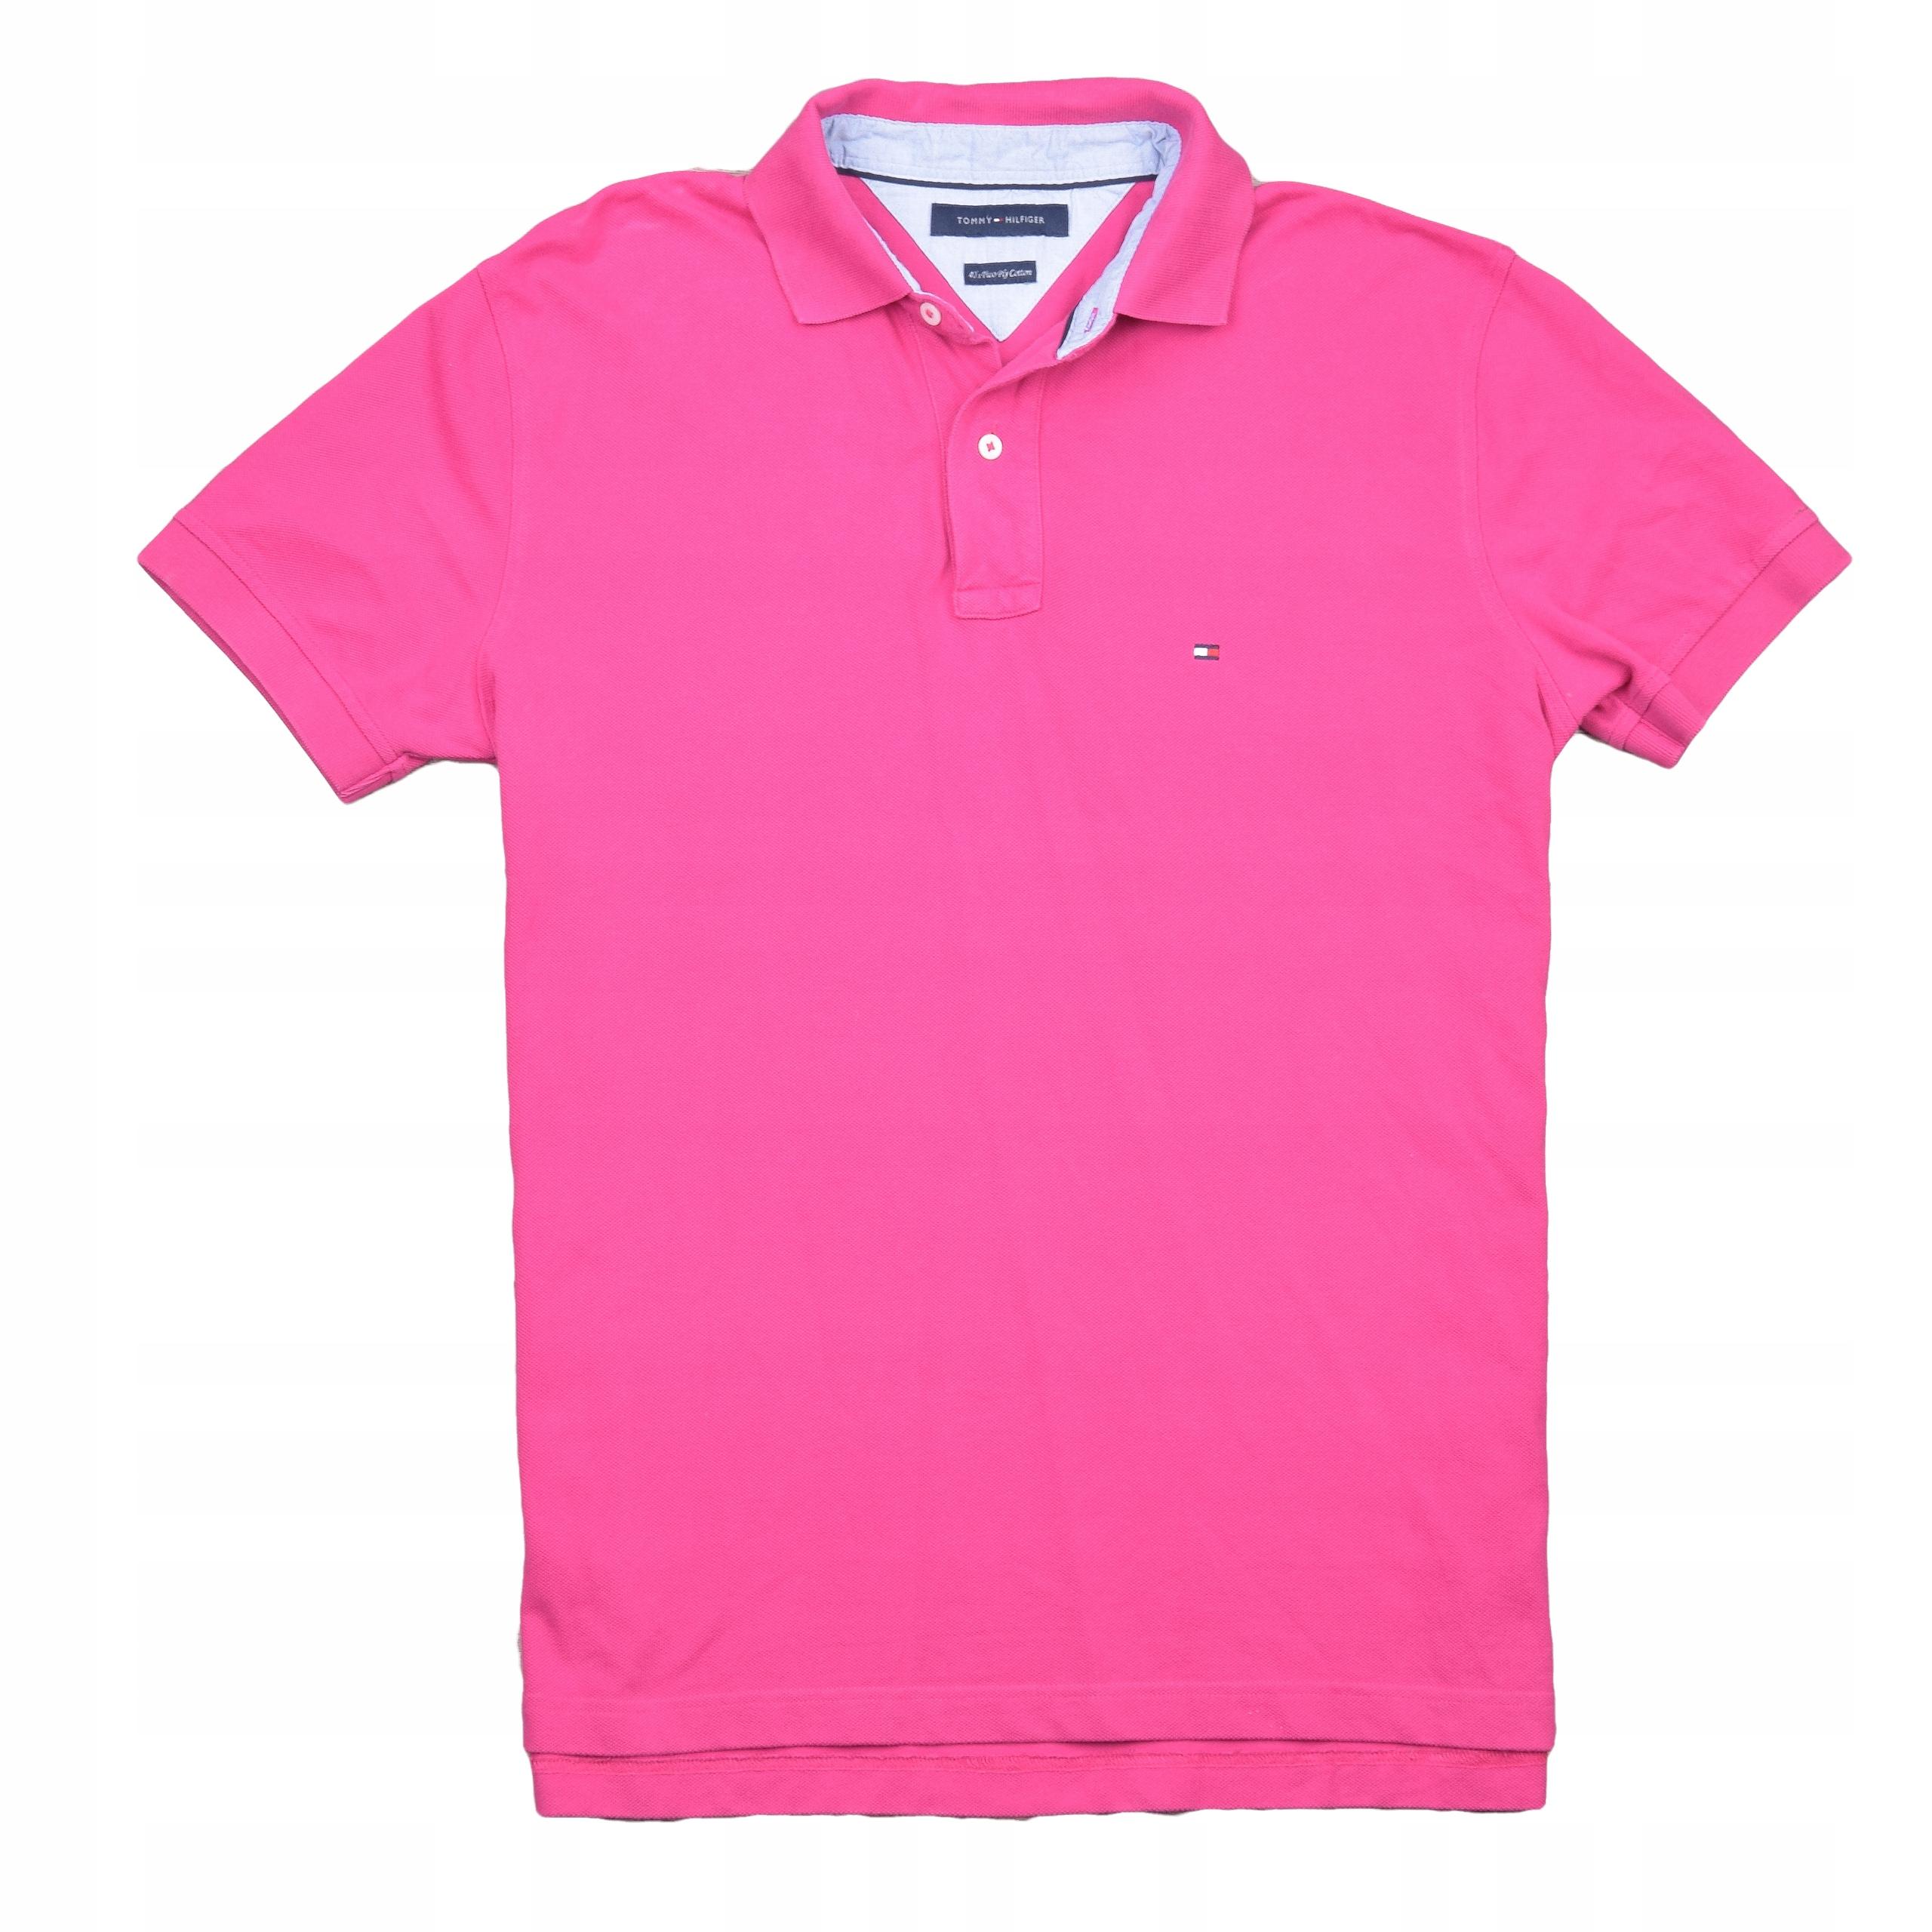 4fc49309d8279 TOMMY HILFIGER koszulka Polo Męska RÓŻ NEW LOGO XL - 7451882078 ...